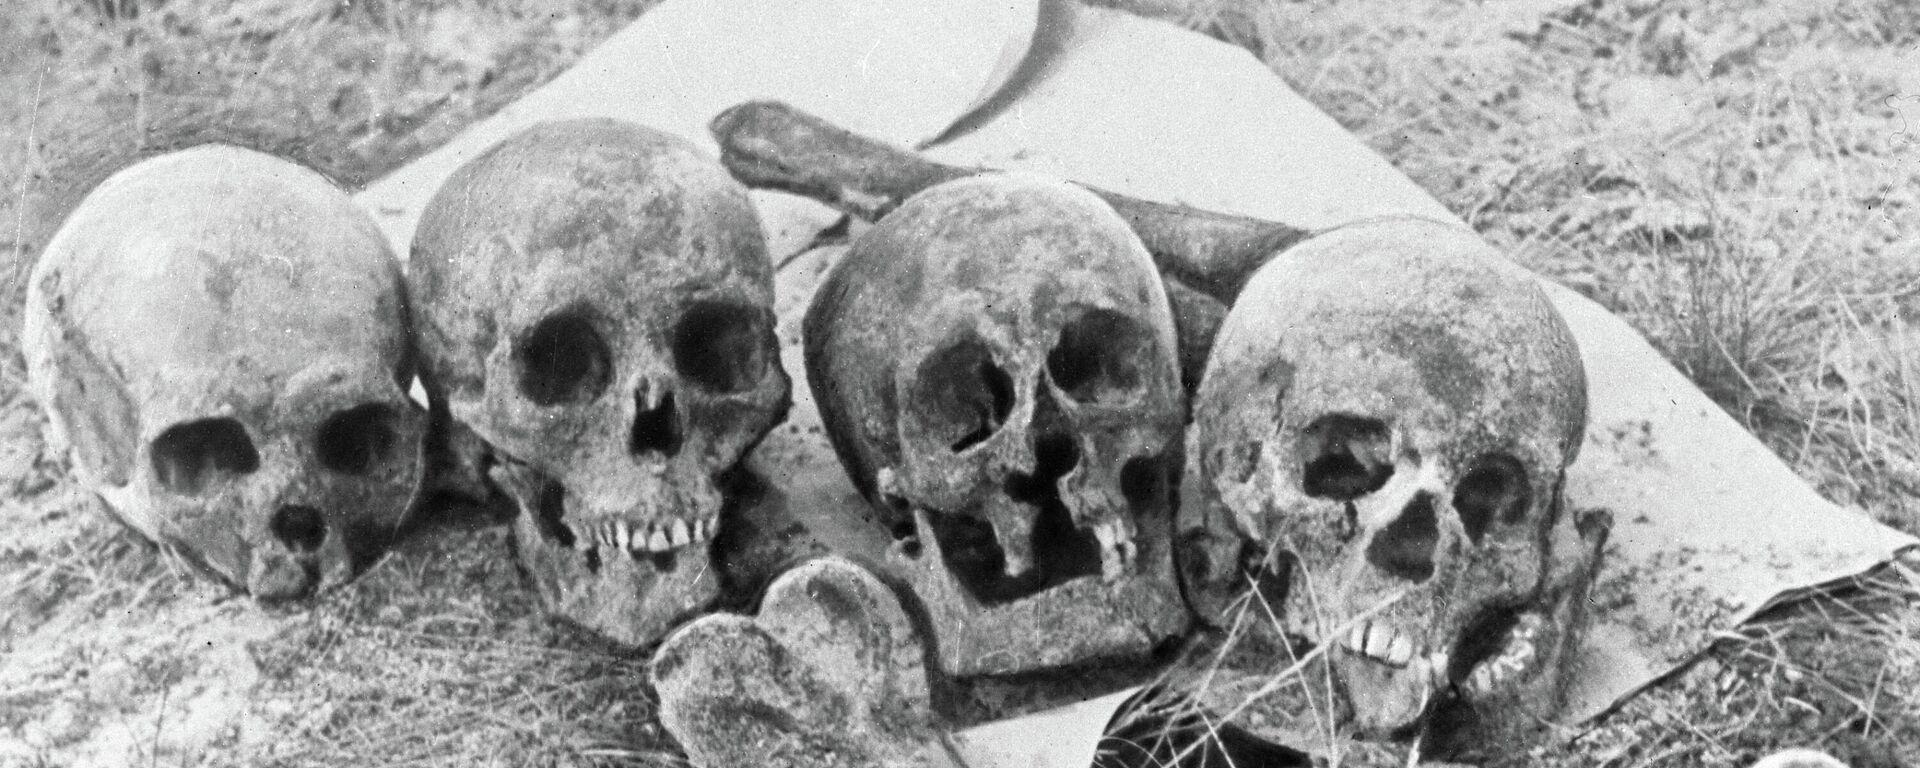 Черепа и кости жертв нацистов и их эстонских пособников - Sputnik Latvija, 1920, 26.06.2021